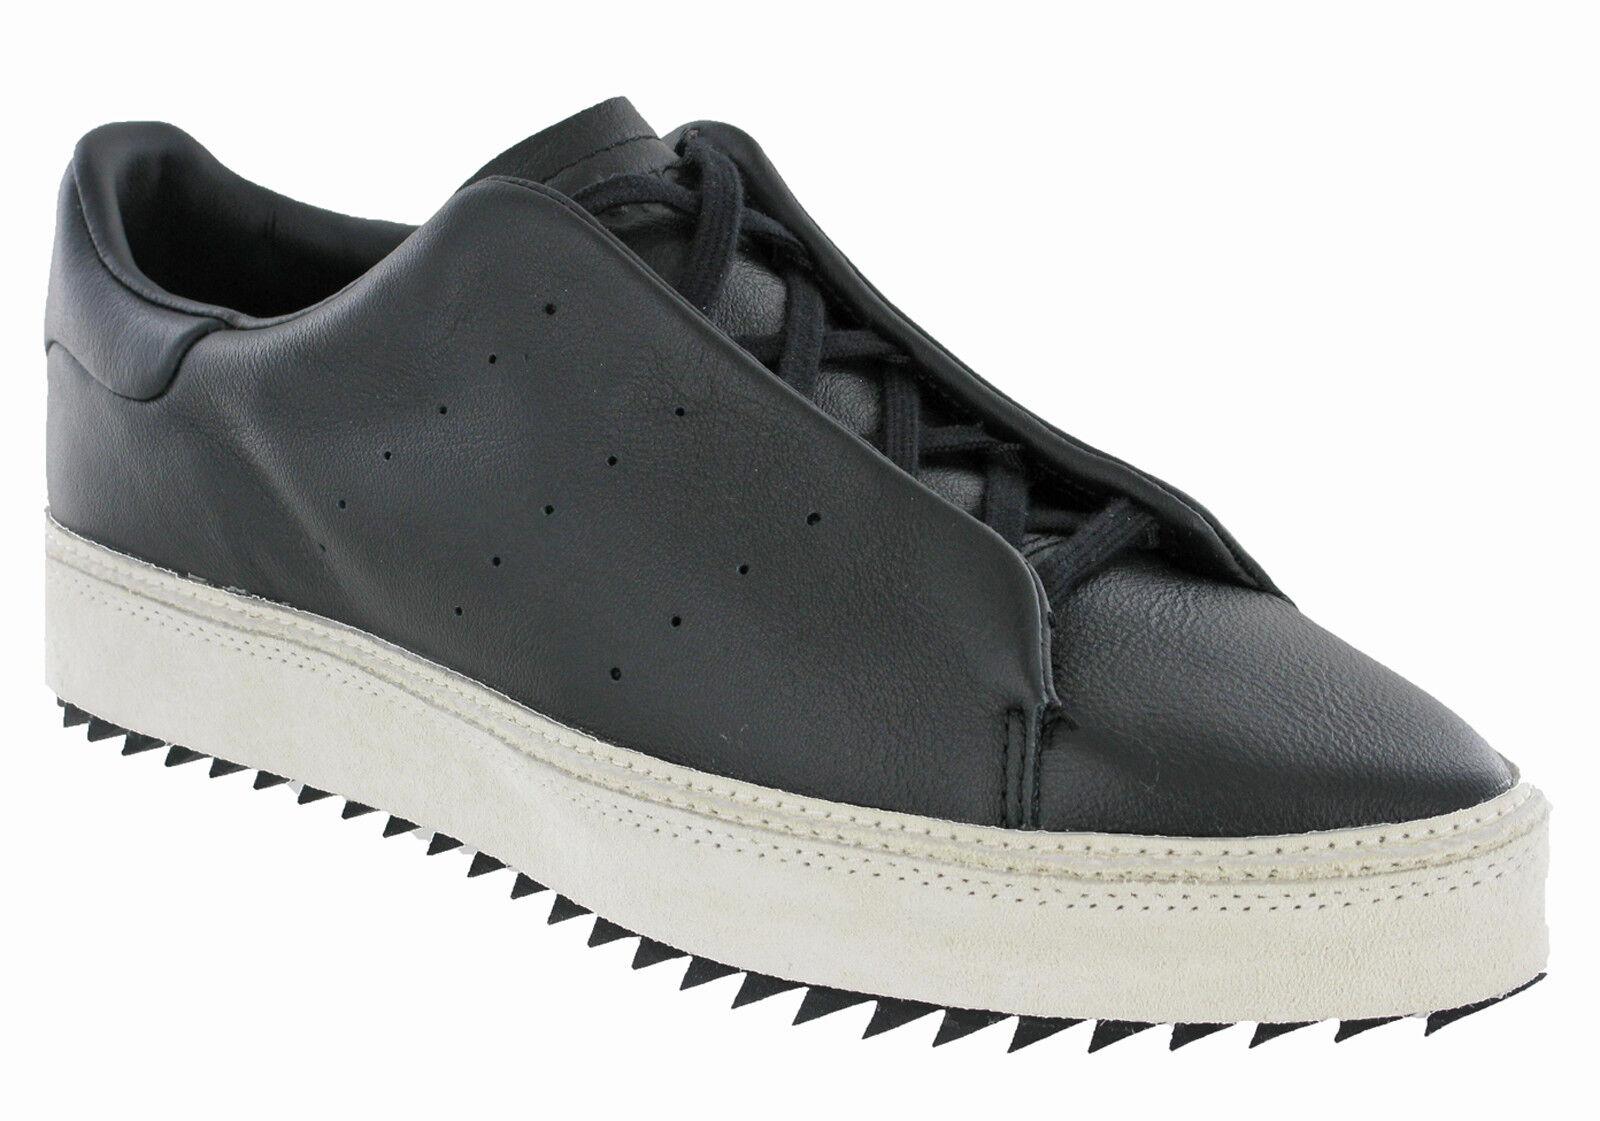 Chaussures de sport à plateforme / plate-forme Adidas Point Court pour femme S81475 noires, UK 3-7